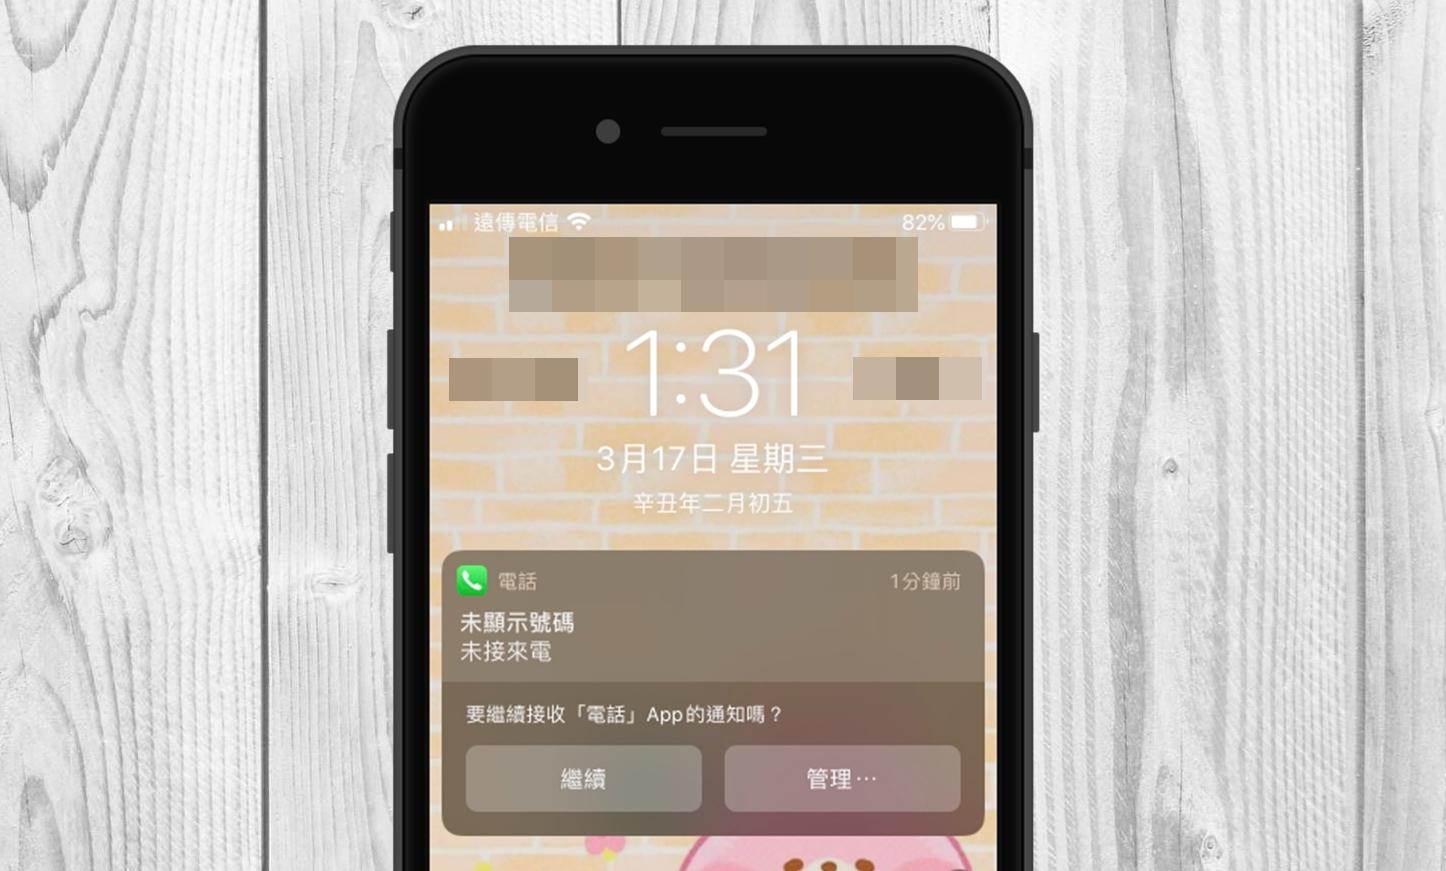 【手機專知】iPhone打電話如何隱藏號碼?用這2招讓對方看不到!